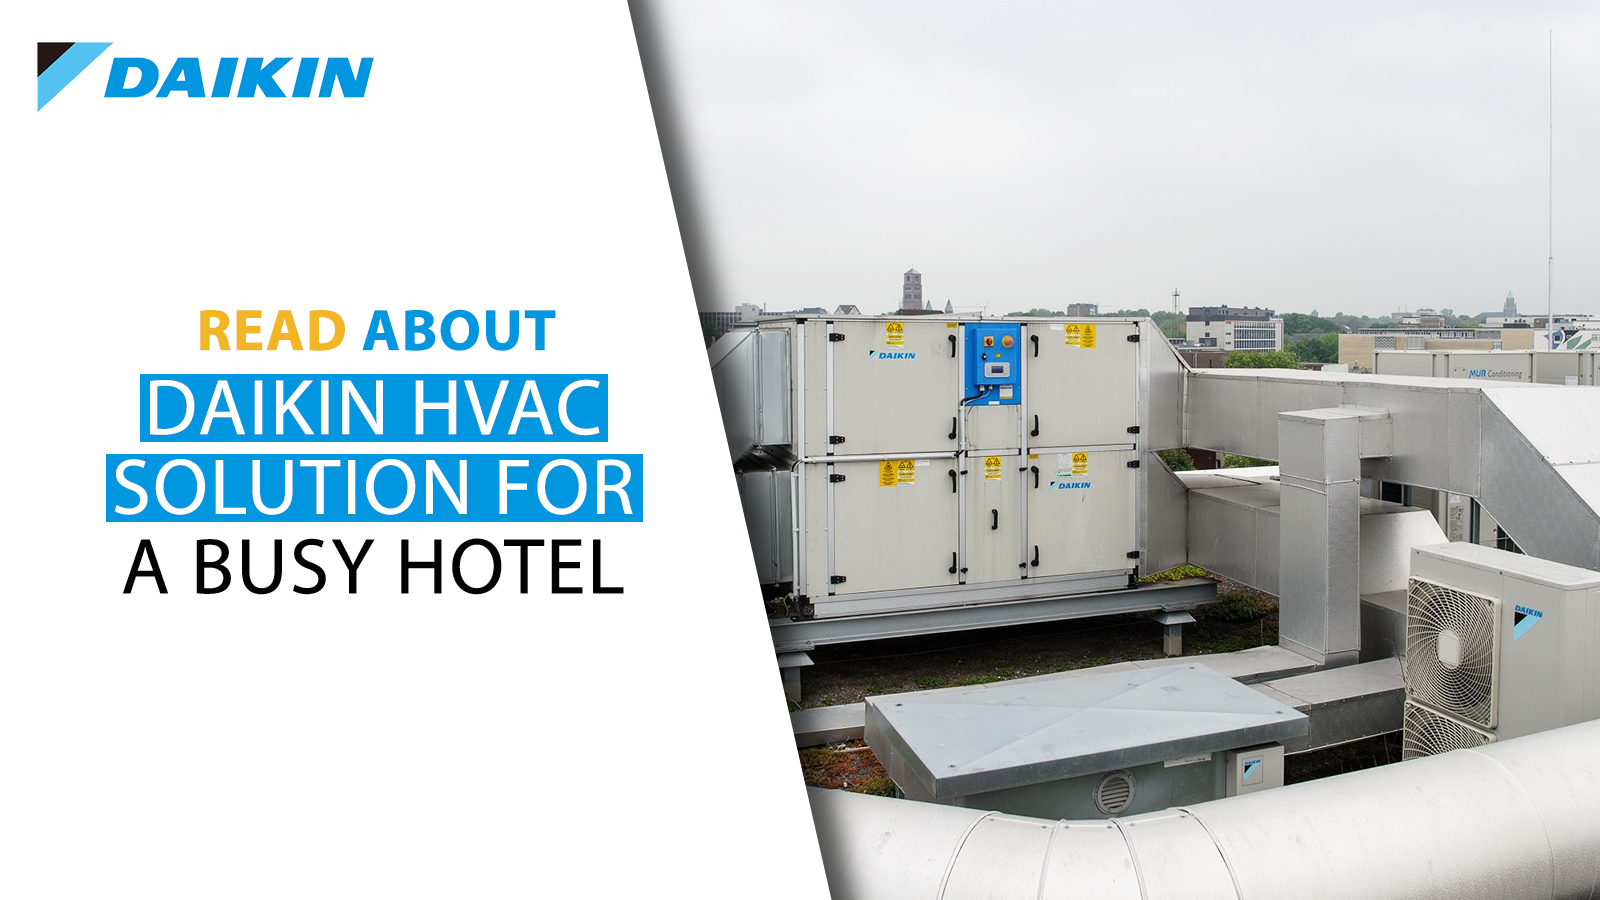 Daikin HVAC solution for a hotel